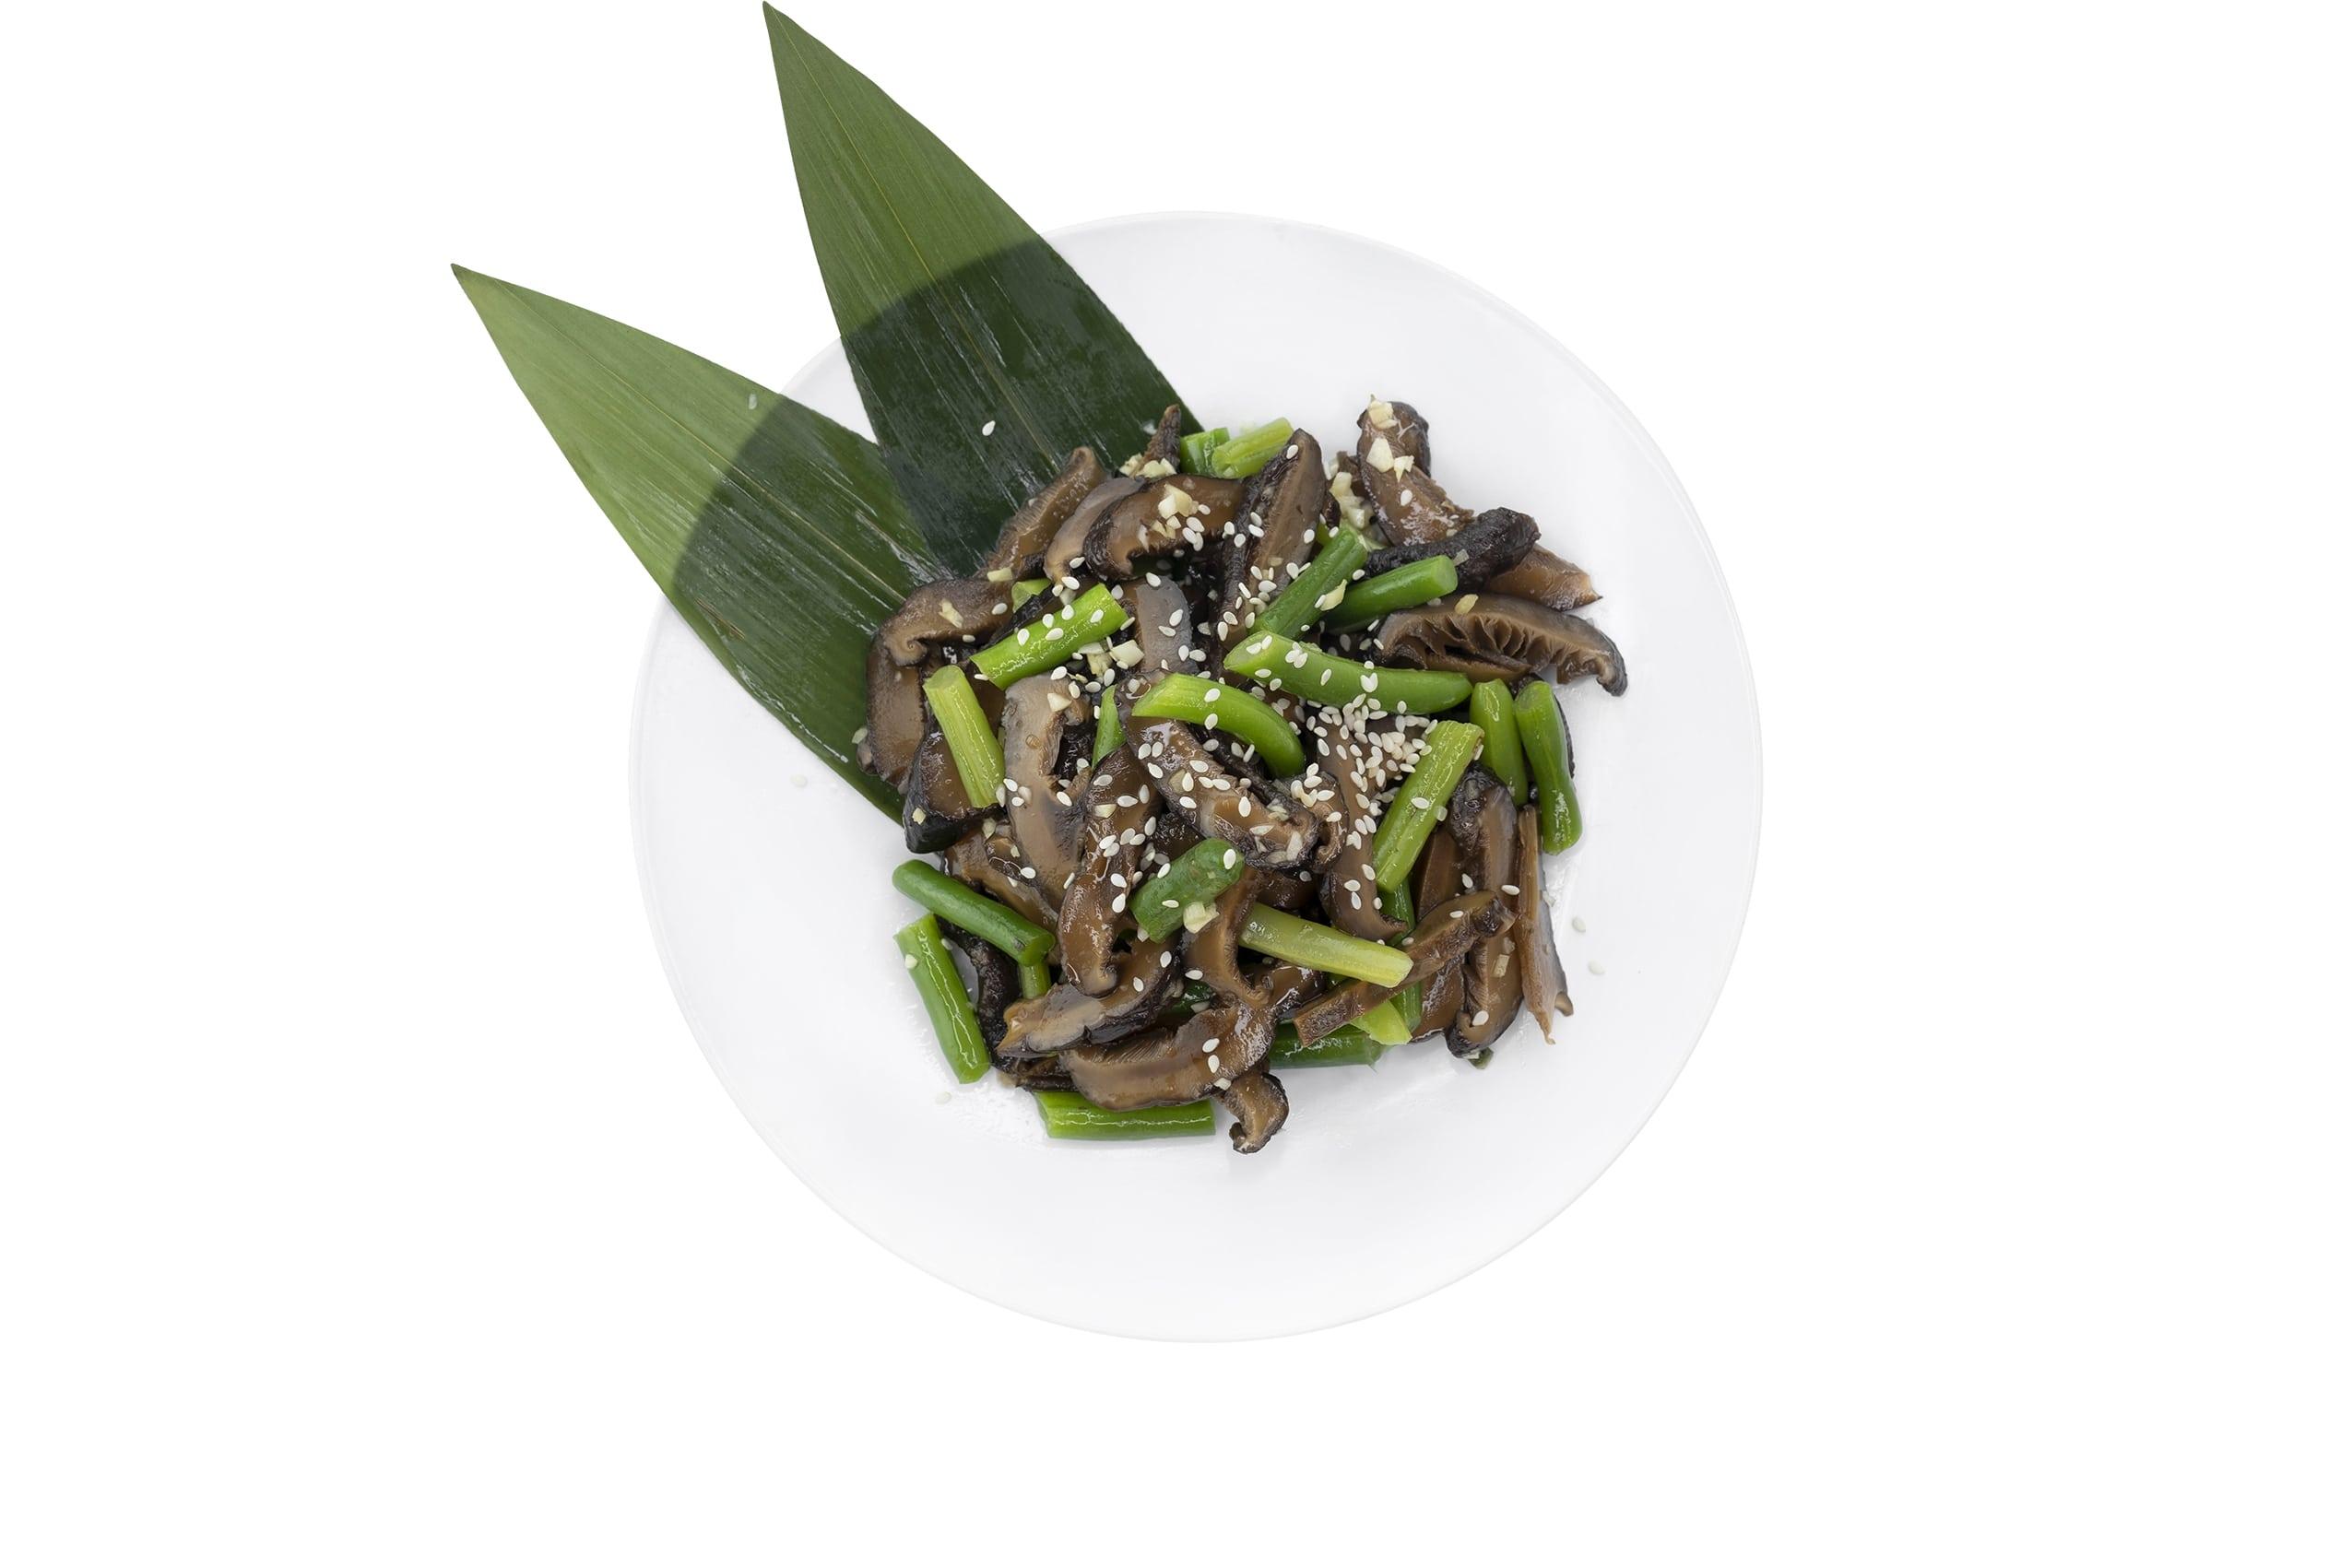 Рецепт приготовления салата с шиитаке и спаржевой фасолью